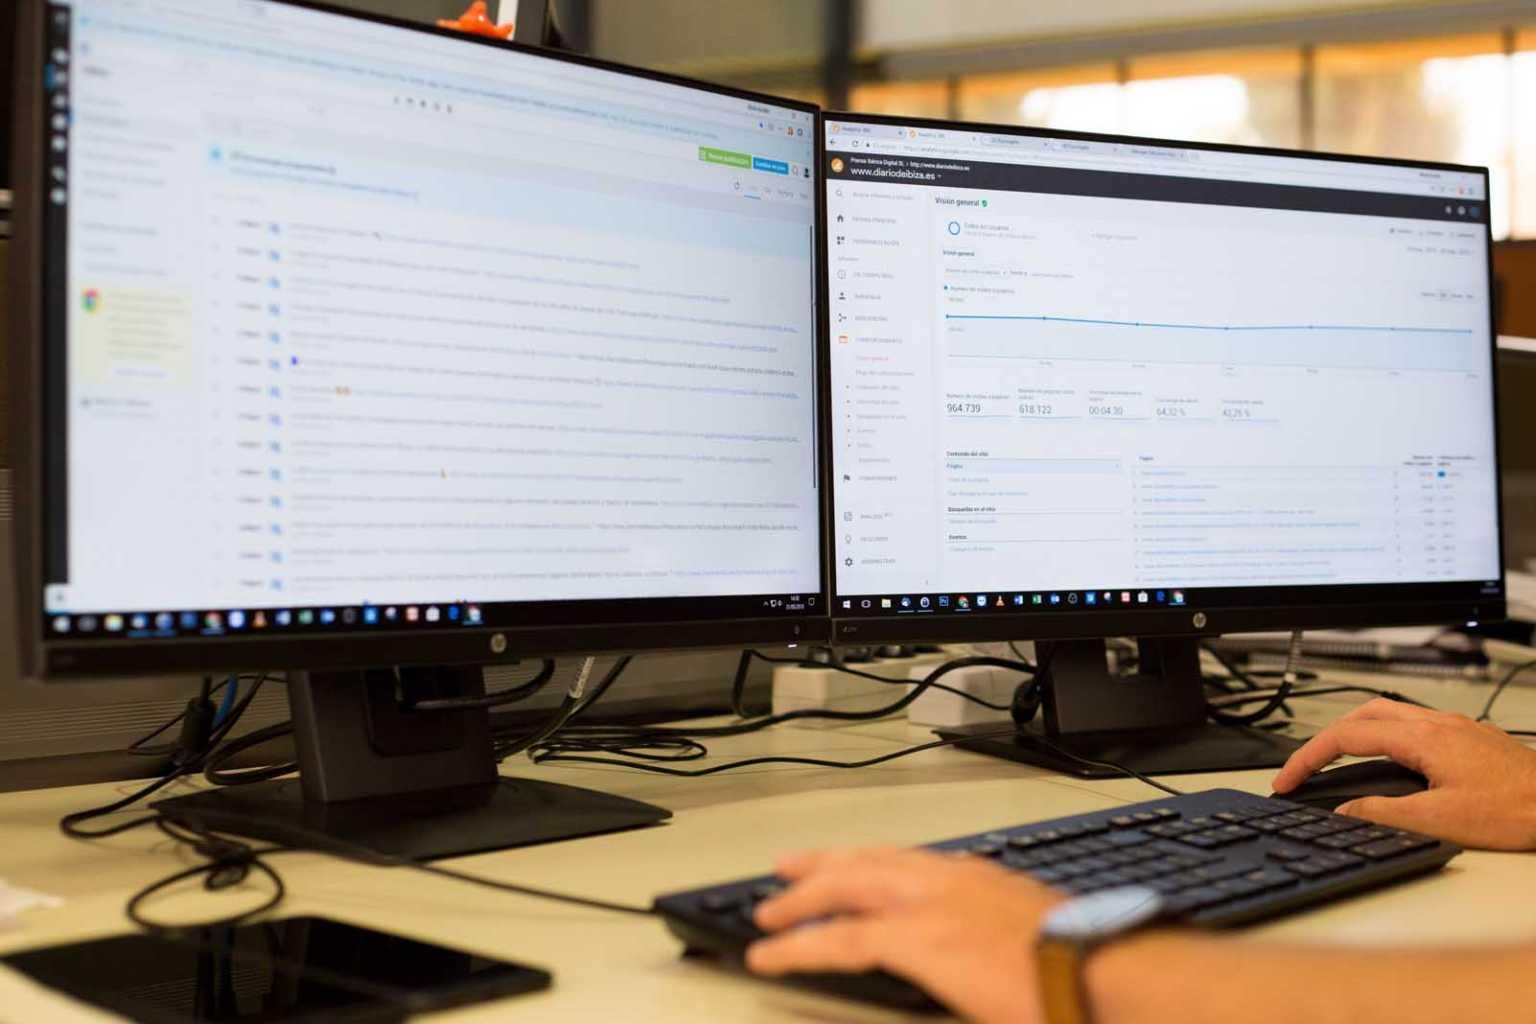 En la pantalla de la izquierda, programación de noticias en redes sociales. La otra muestra el consumo de la web medido por Google Analytics. T. Escobar